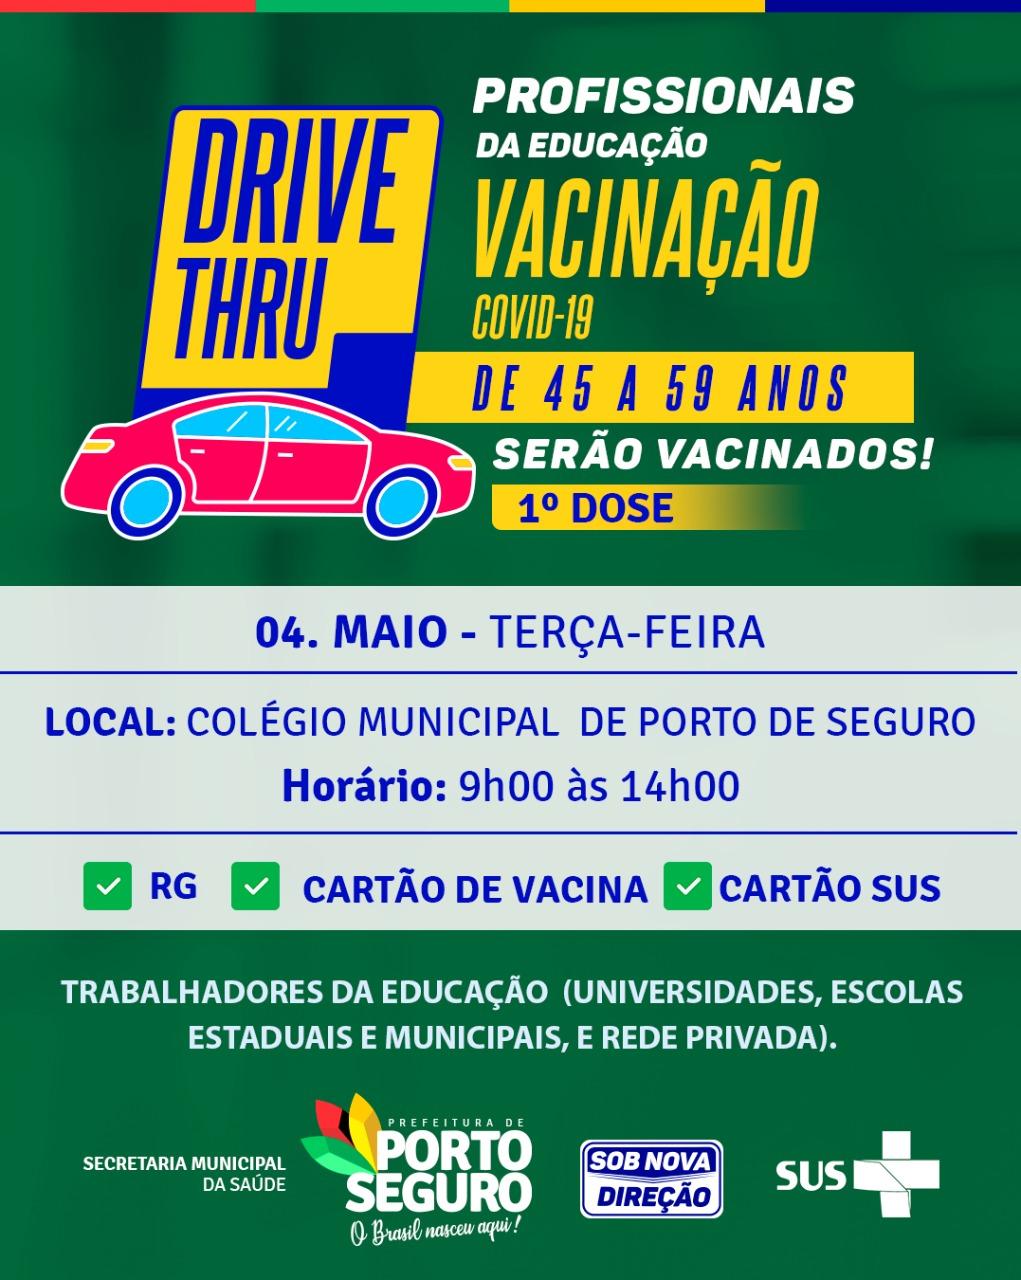 Vacinação contra a COVID-19 Profissionais da Educação Rede pública e privada da Terra Mãe do Brasil 45 a 59 anos 18